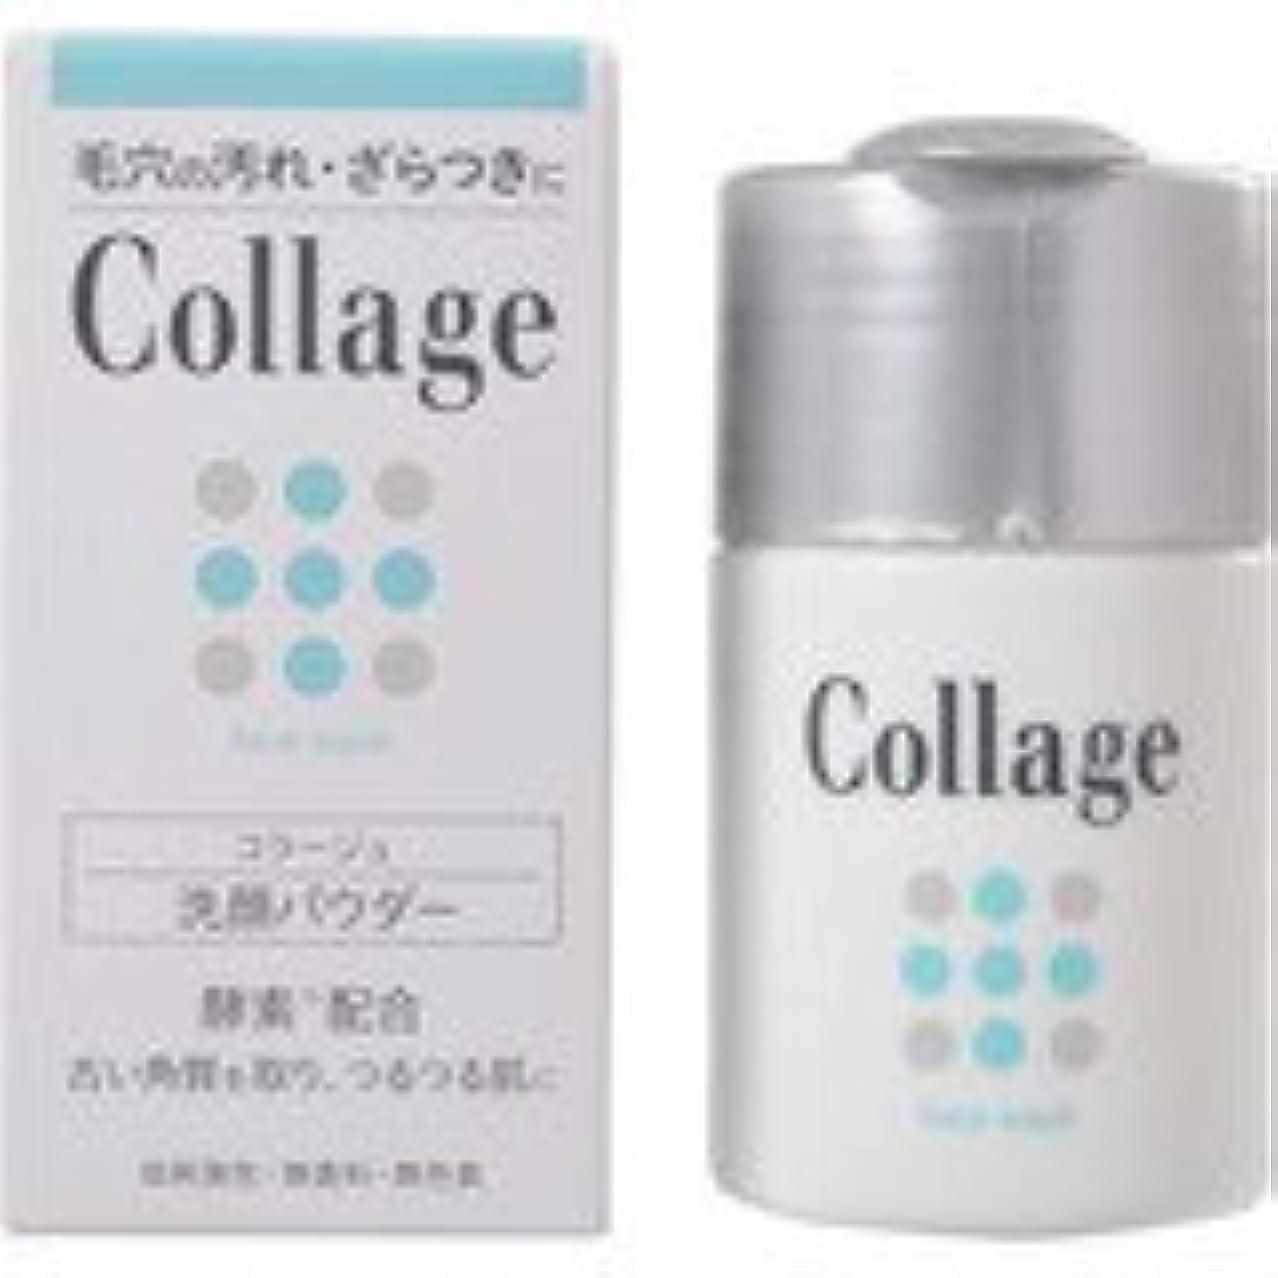 強制的予防接種実験的コラージュ 洗顔パウダー 40g×2【持田ヘルスケア】【4987767624693】